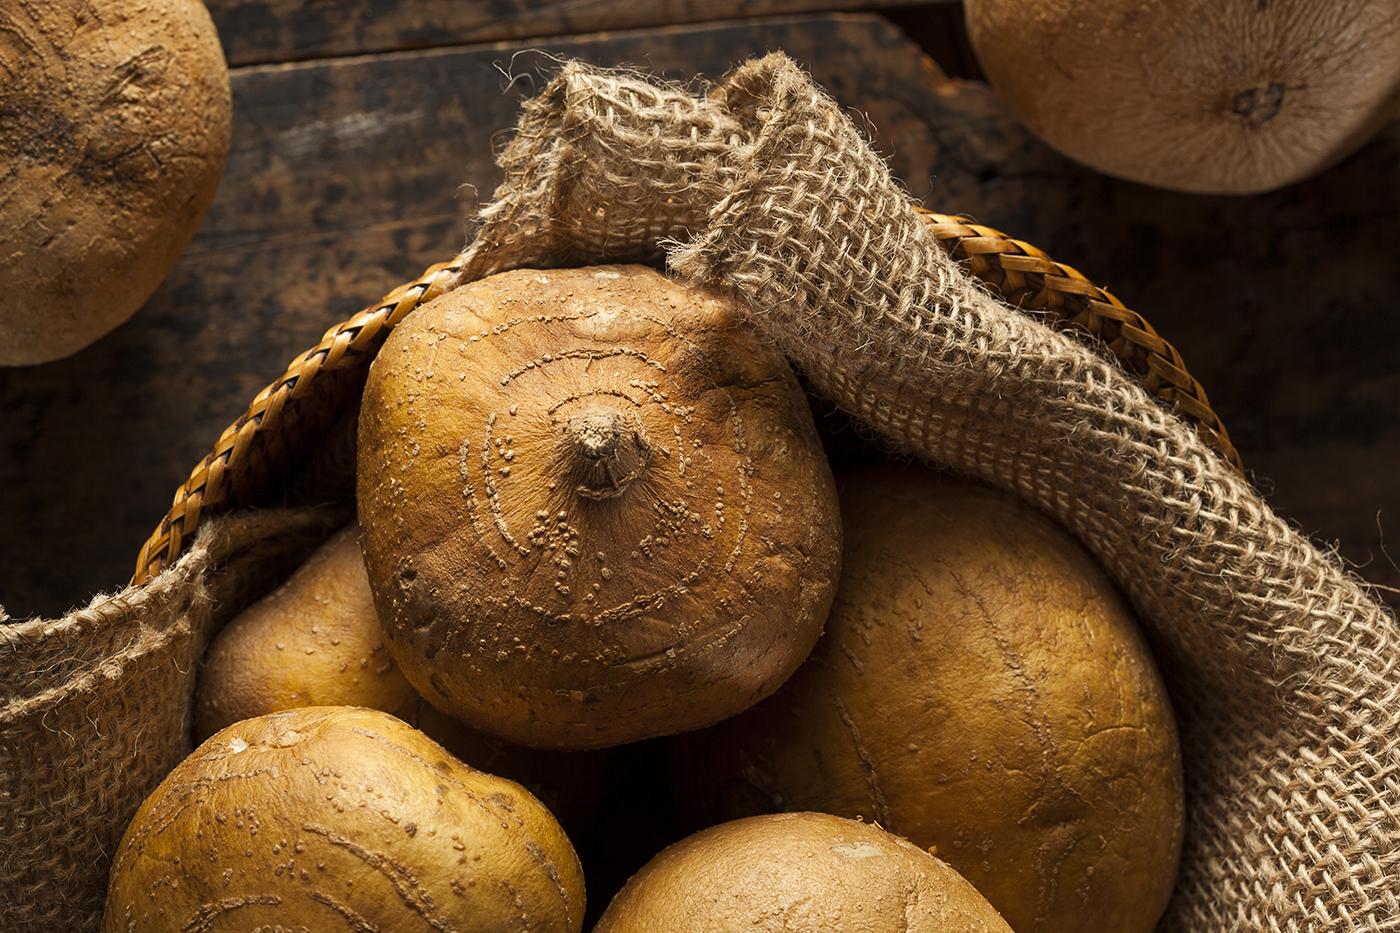 Raw Organic Brown Jicama